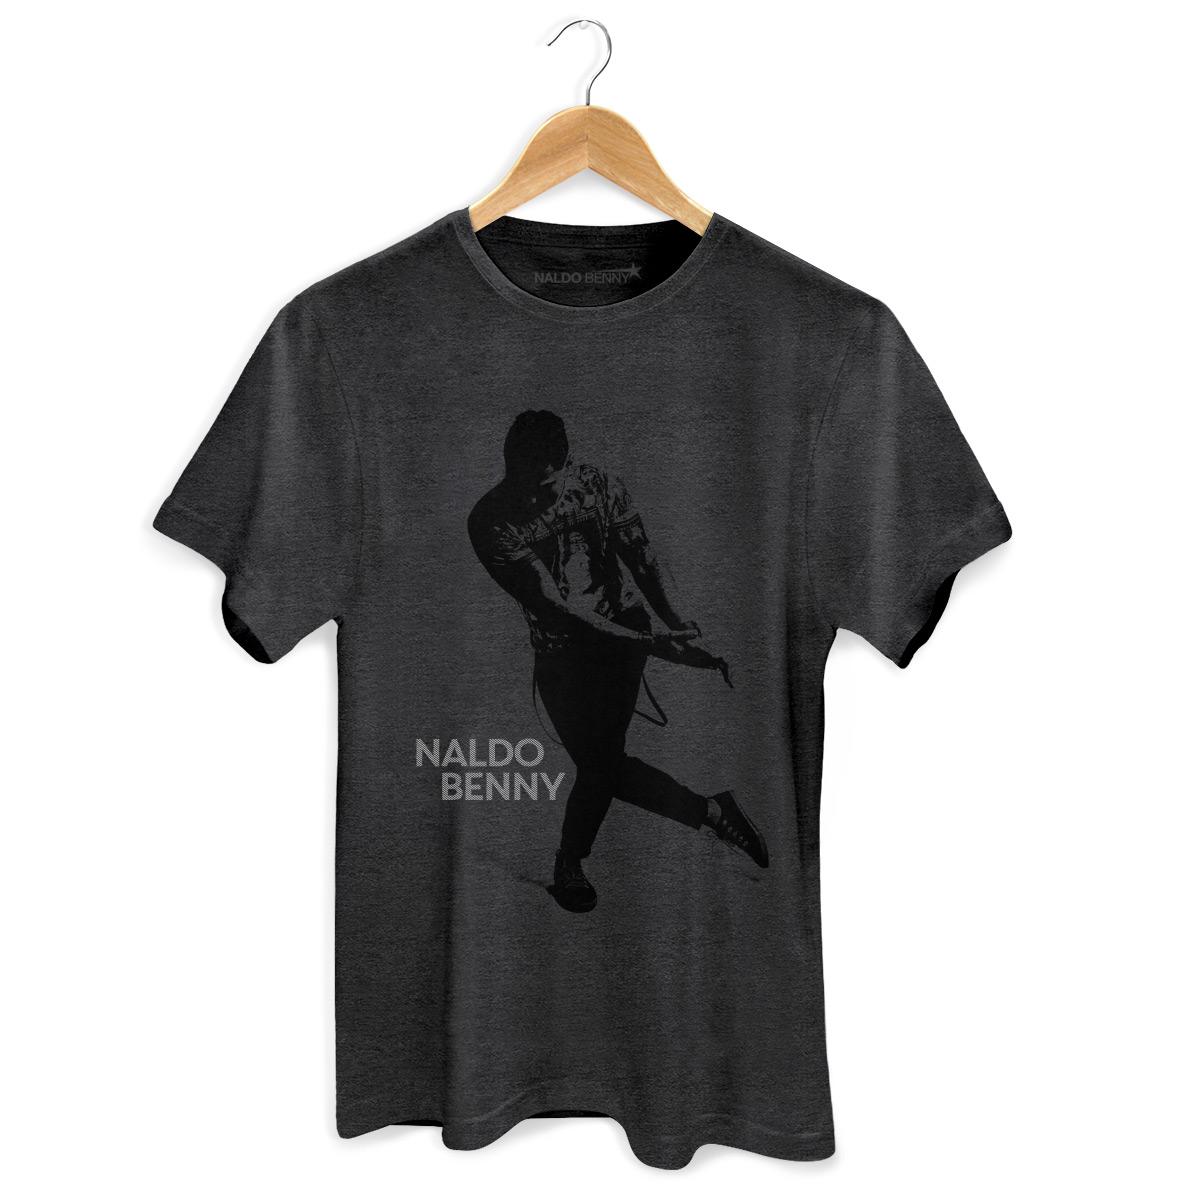 T-shirt Premium Masculina Naldo Benny Se Joga